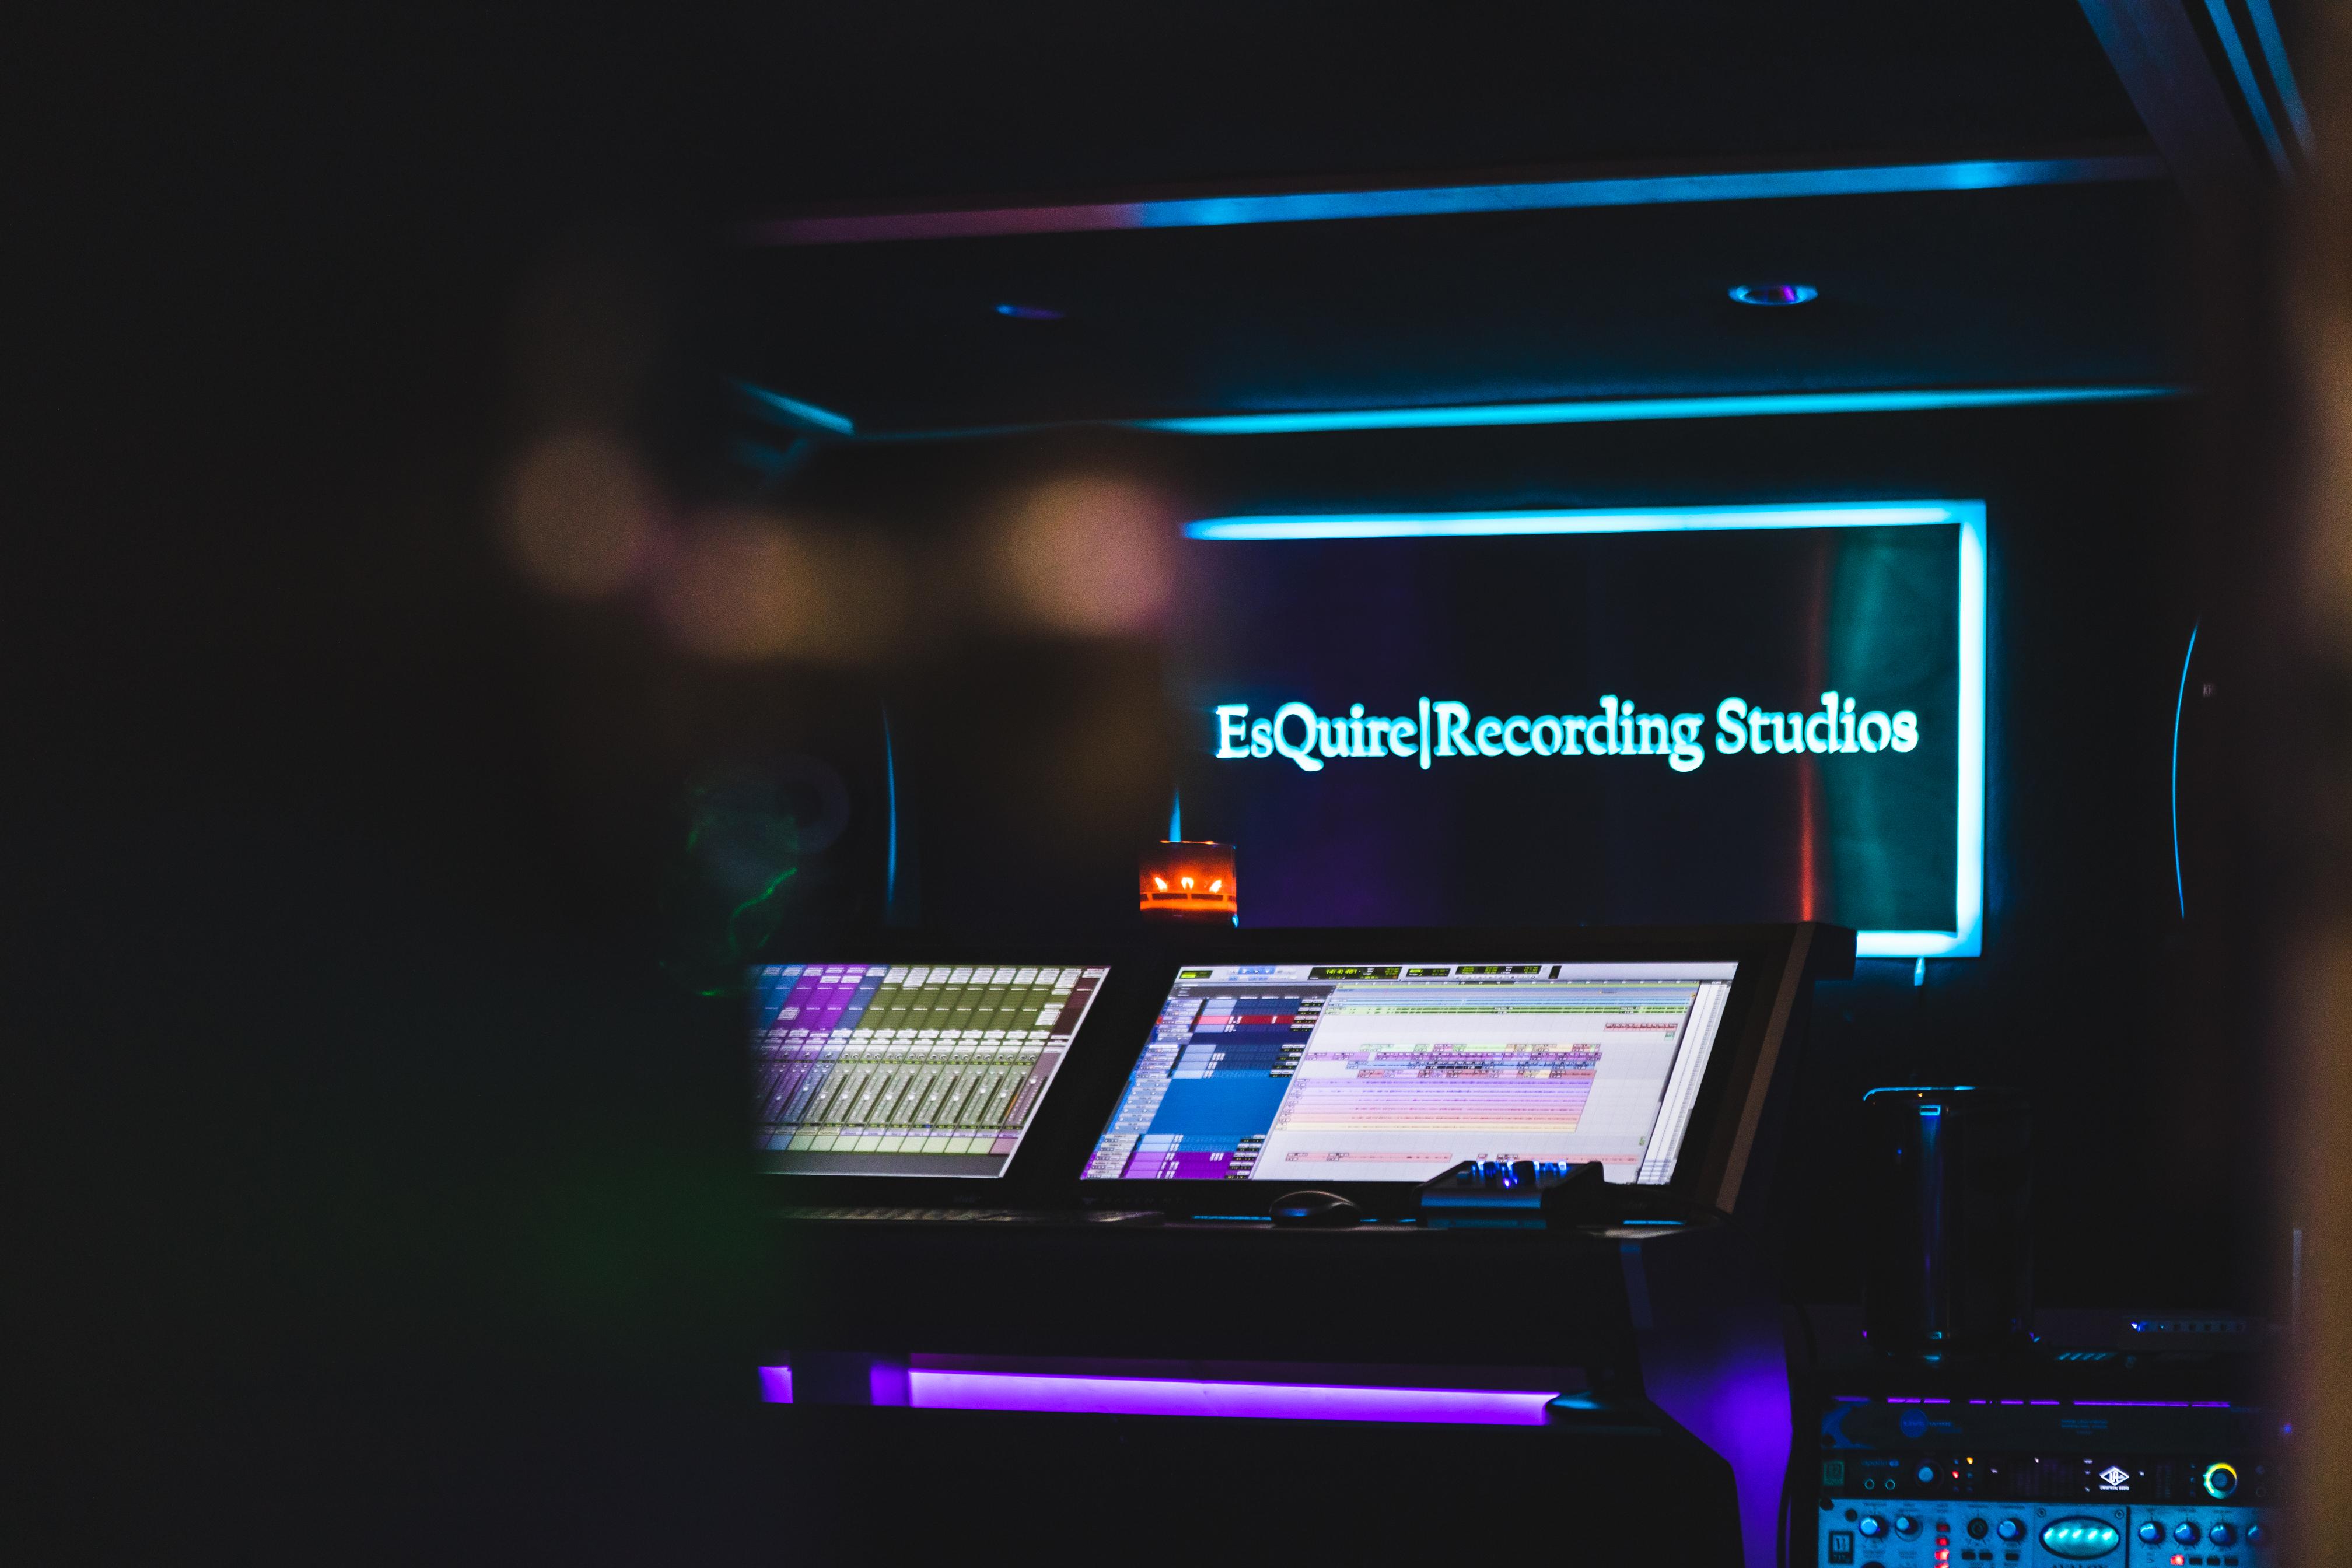 EsQuire Recording Studios